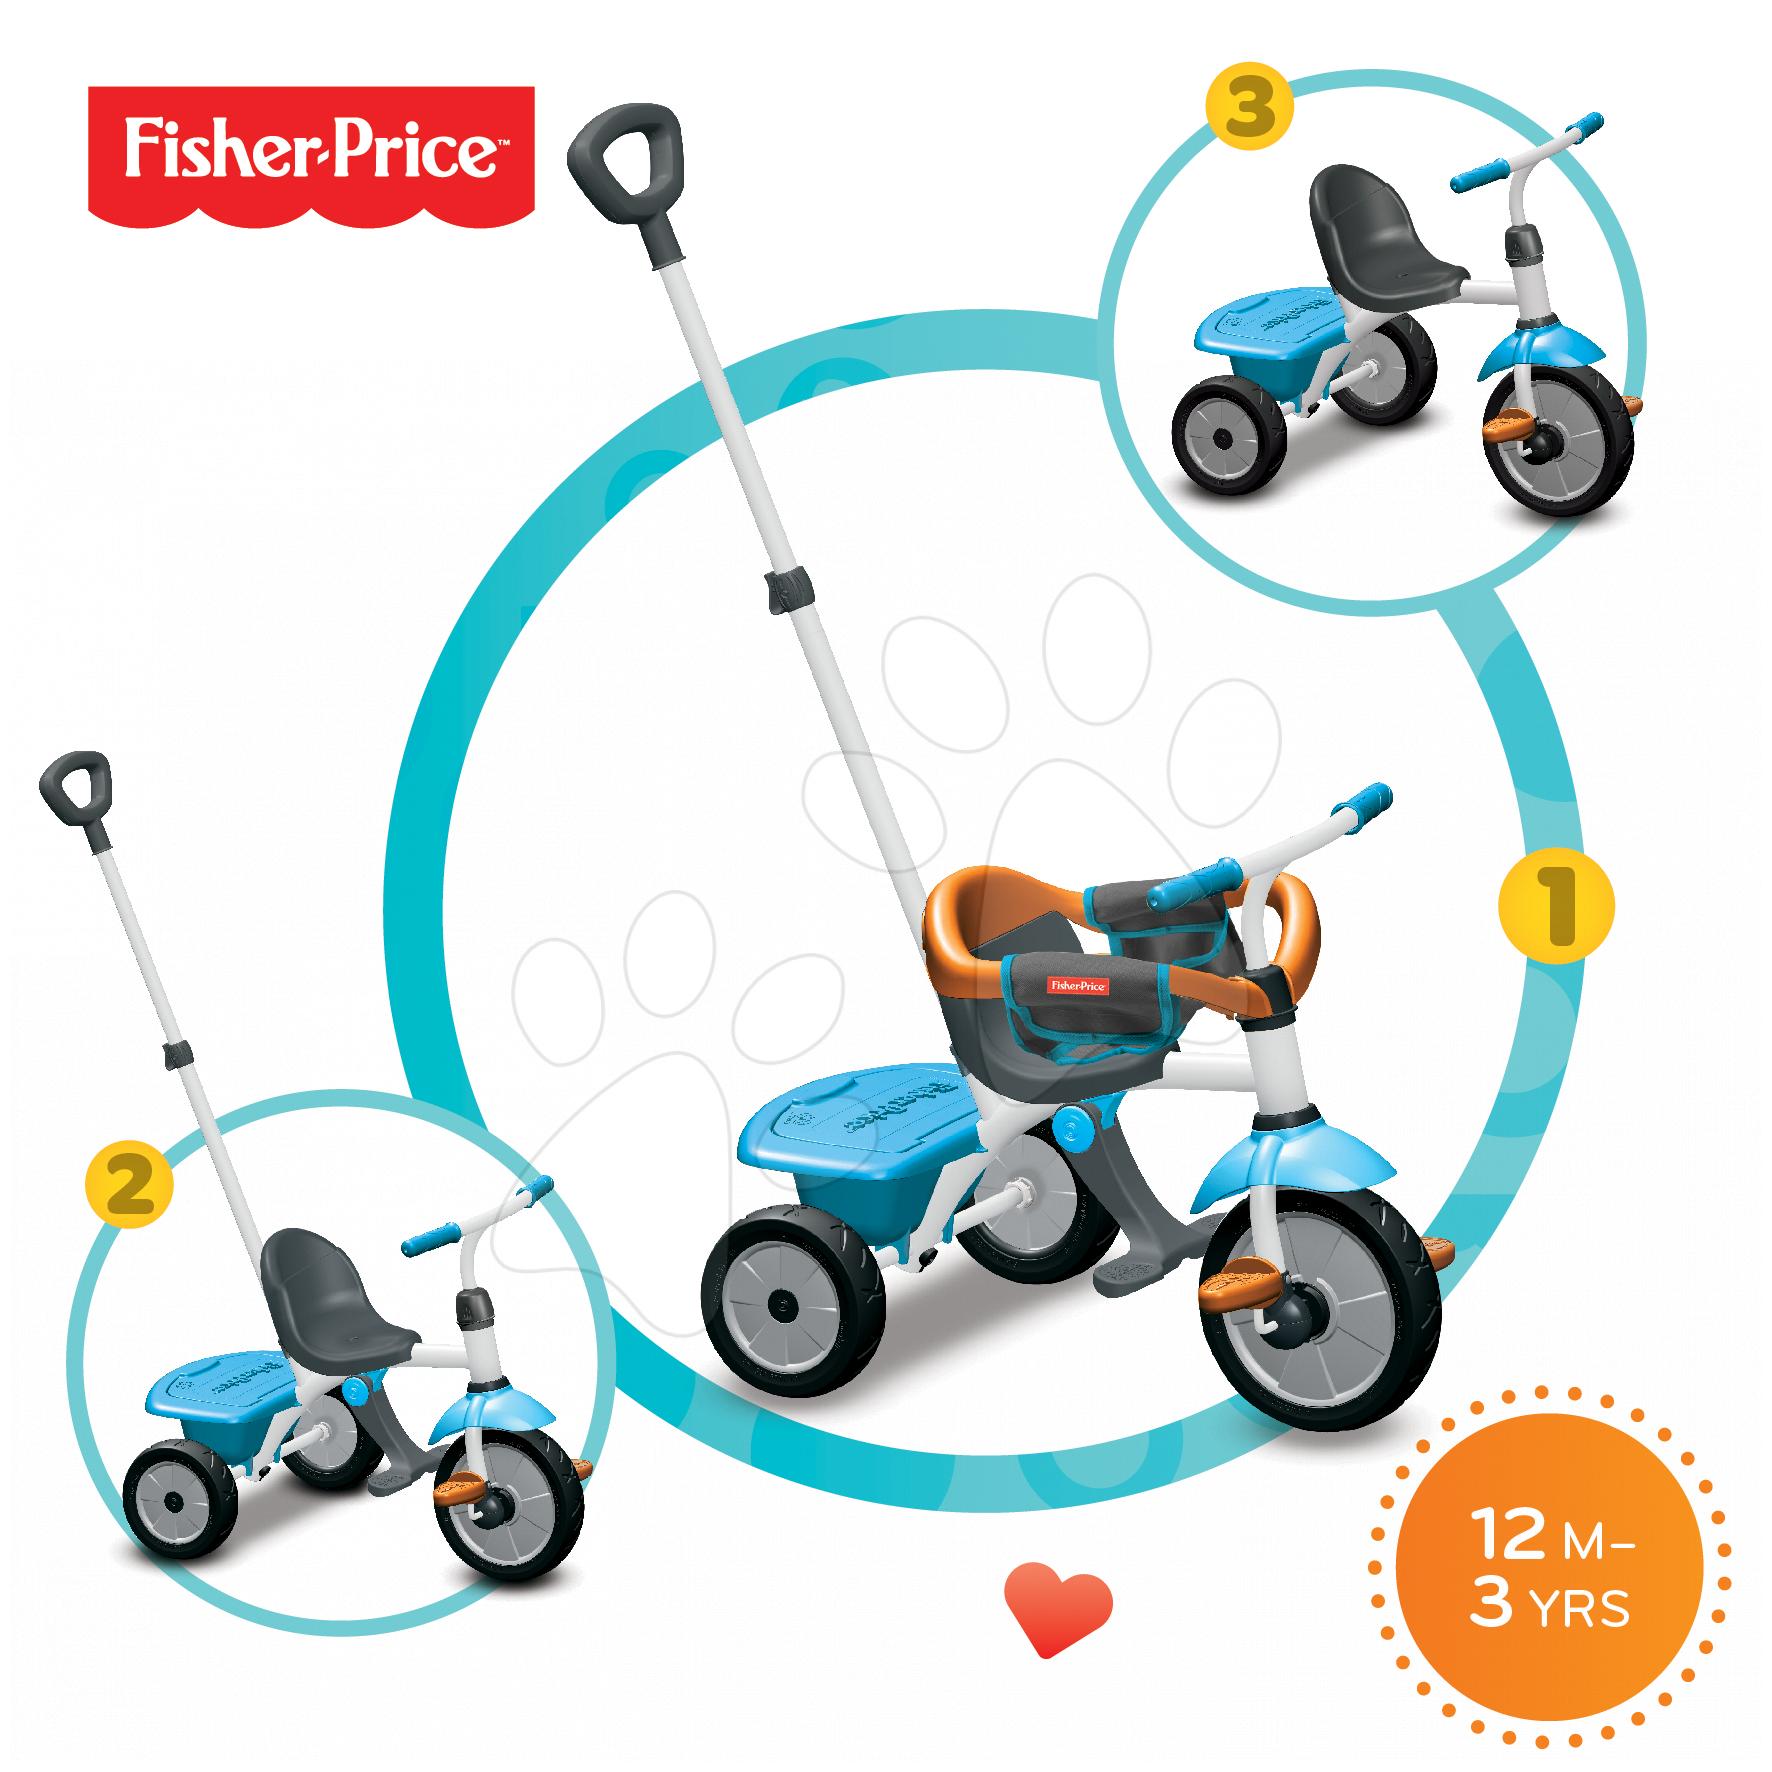 Tříkolka Fisher-Price Jolly smarTrike modro-oranžová od 12 měsíců